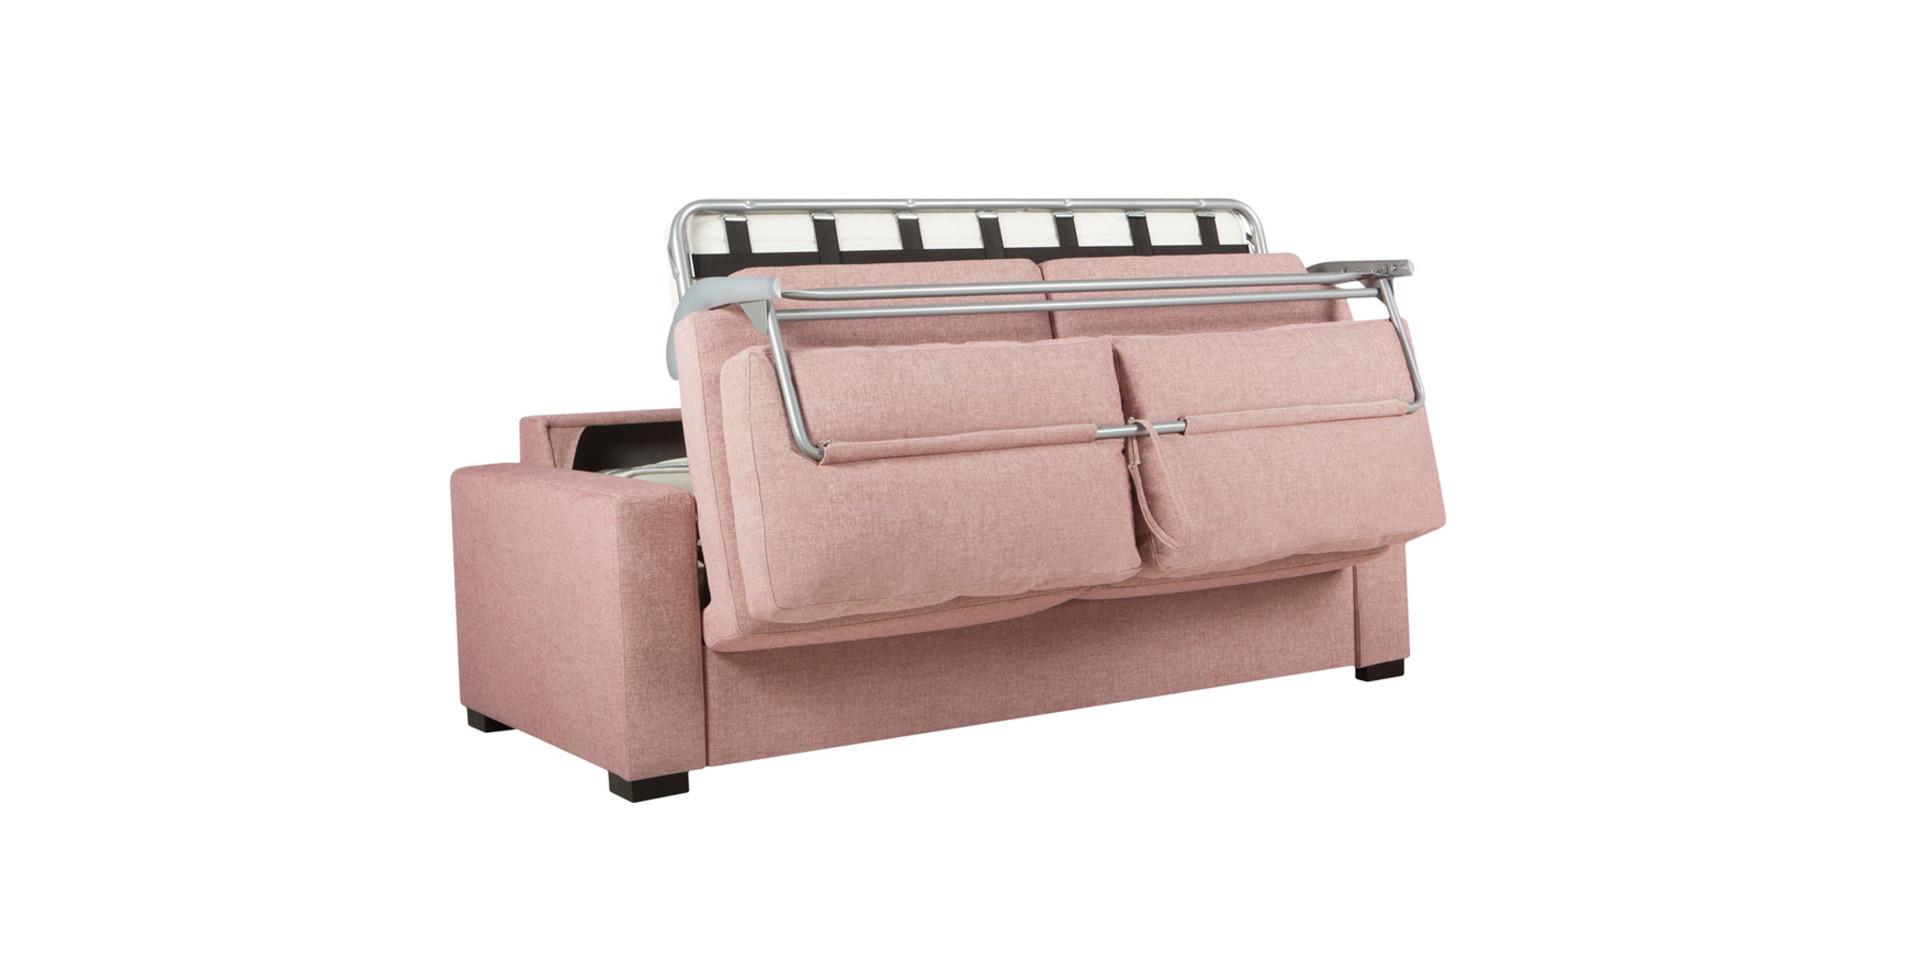 ouverture canape lit lukas sits la galerie alr enne. Black Bedroom Furniture Sets. Home Design Ideas